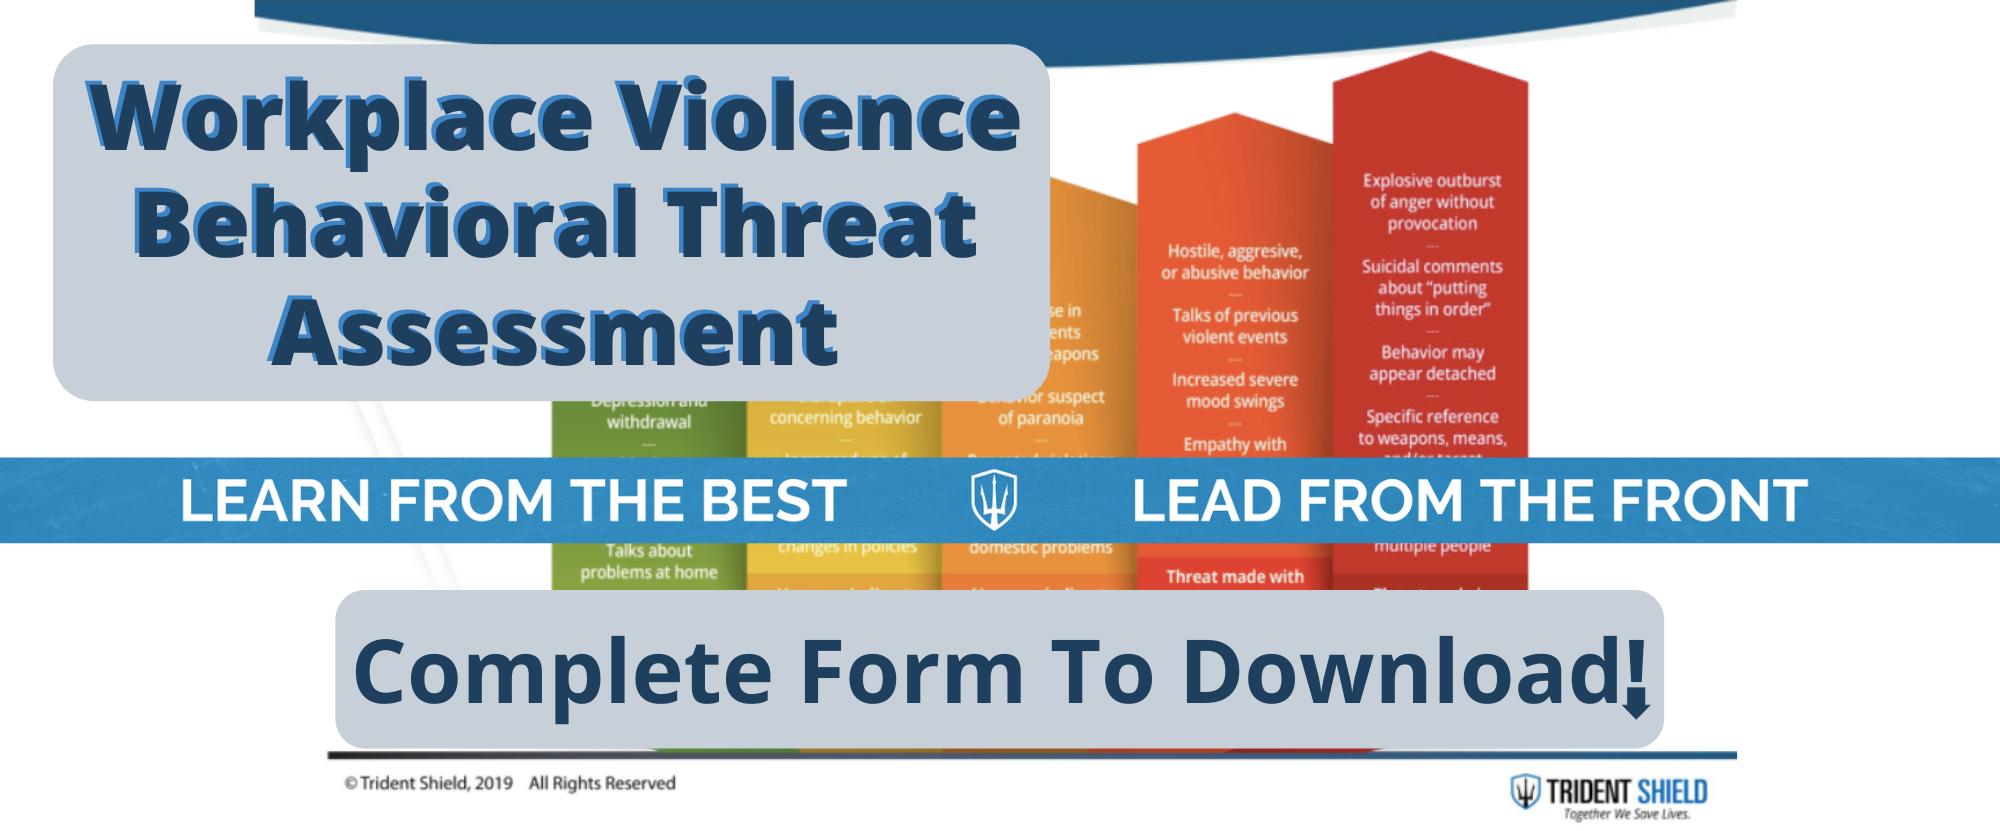 behavioral patterns of concern chart